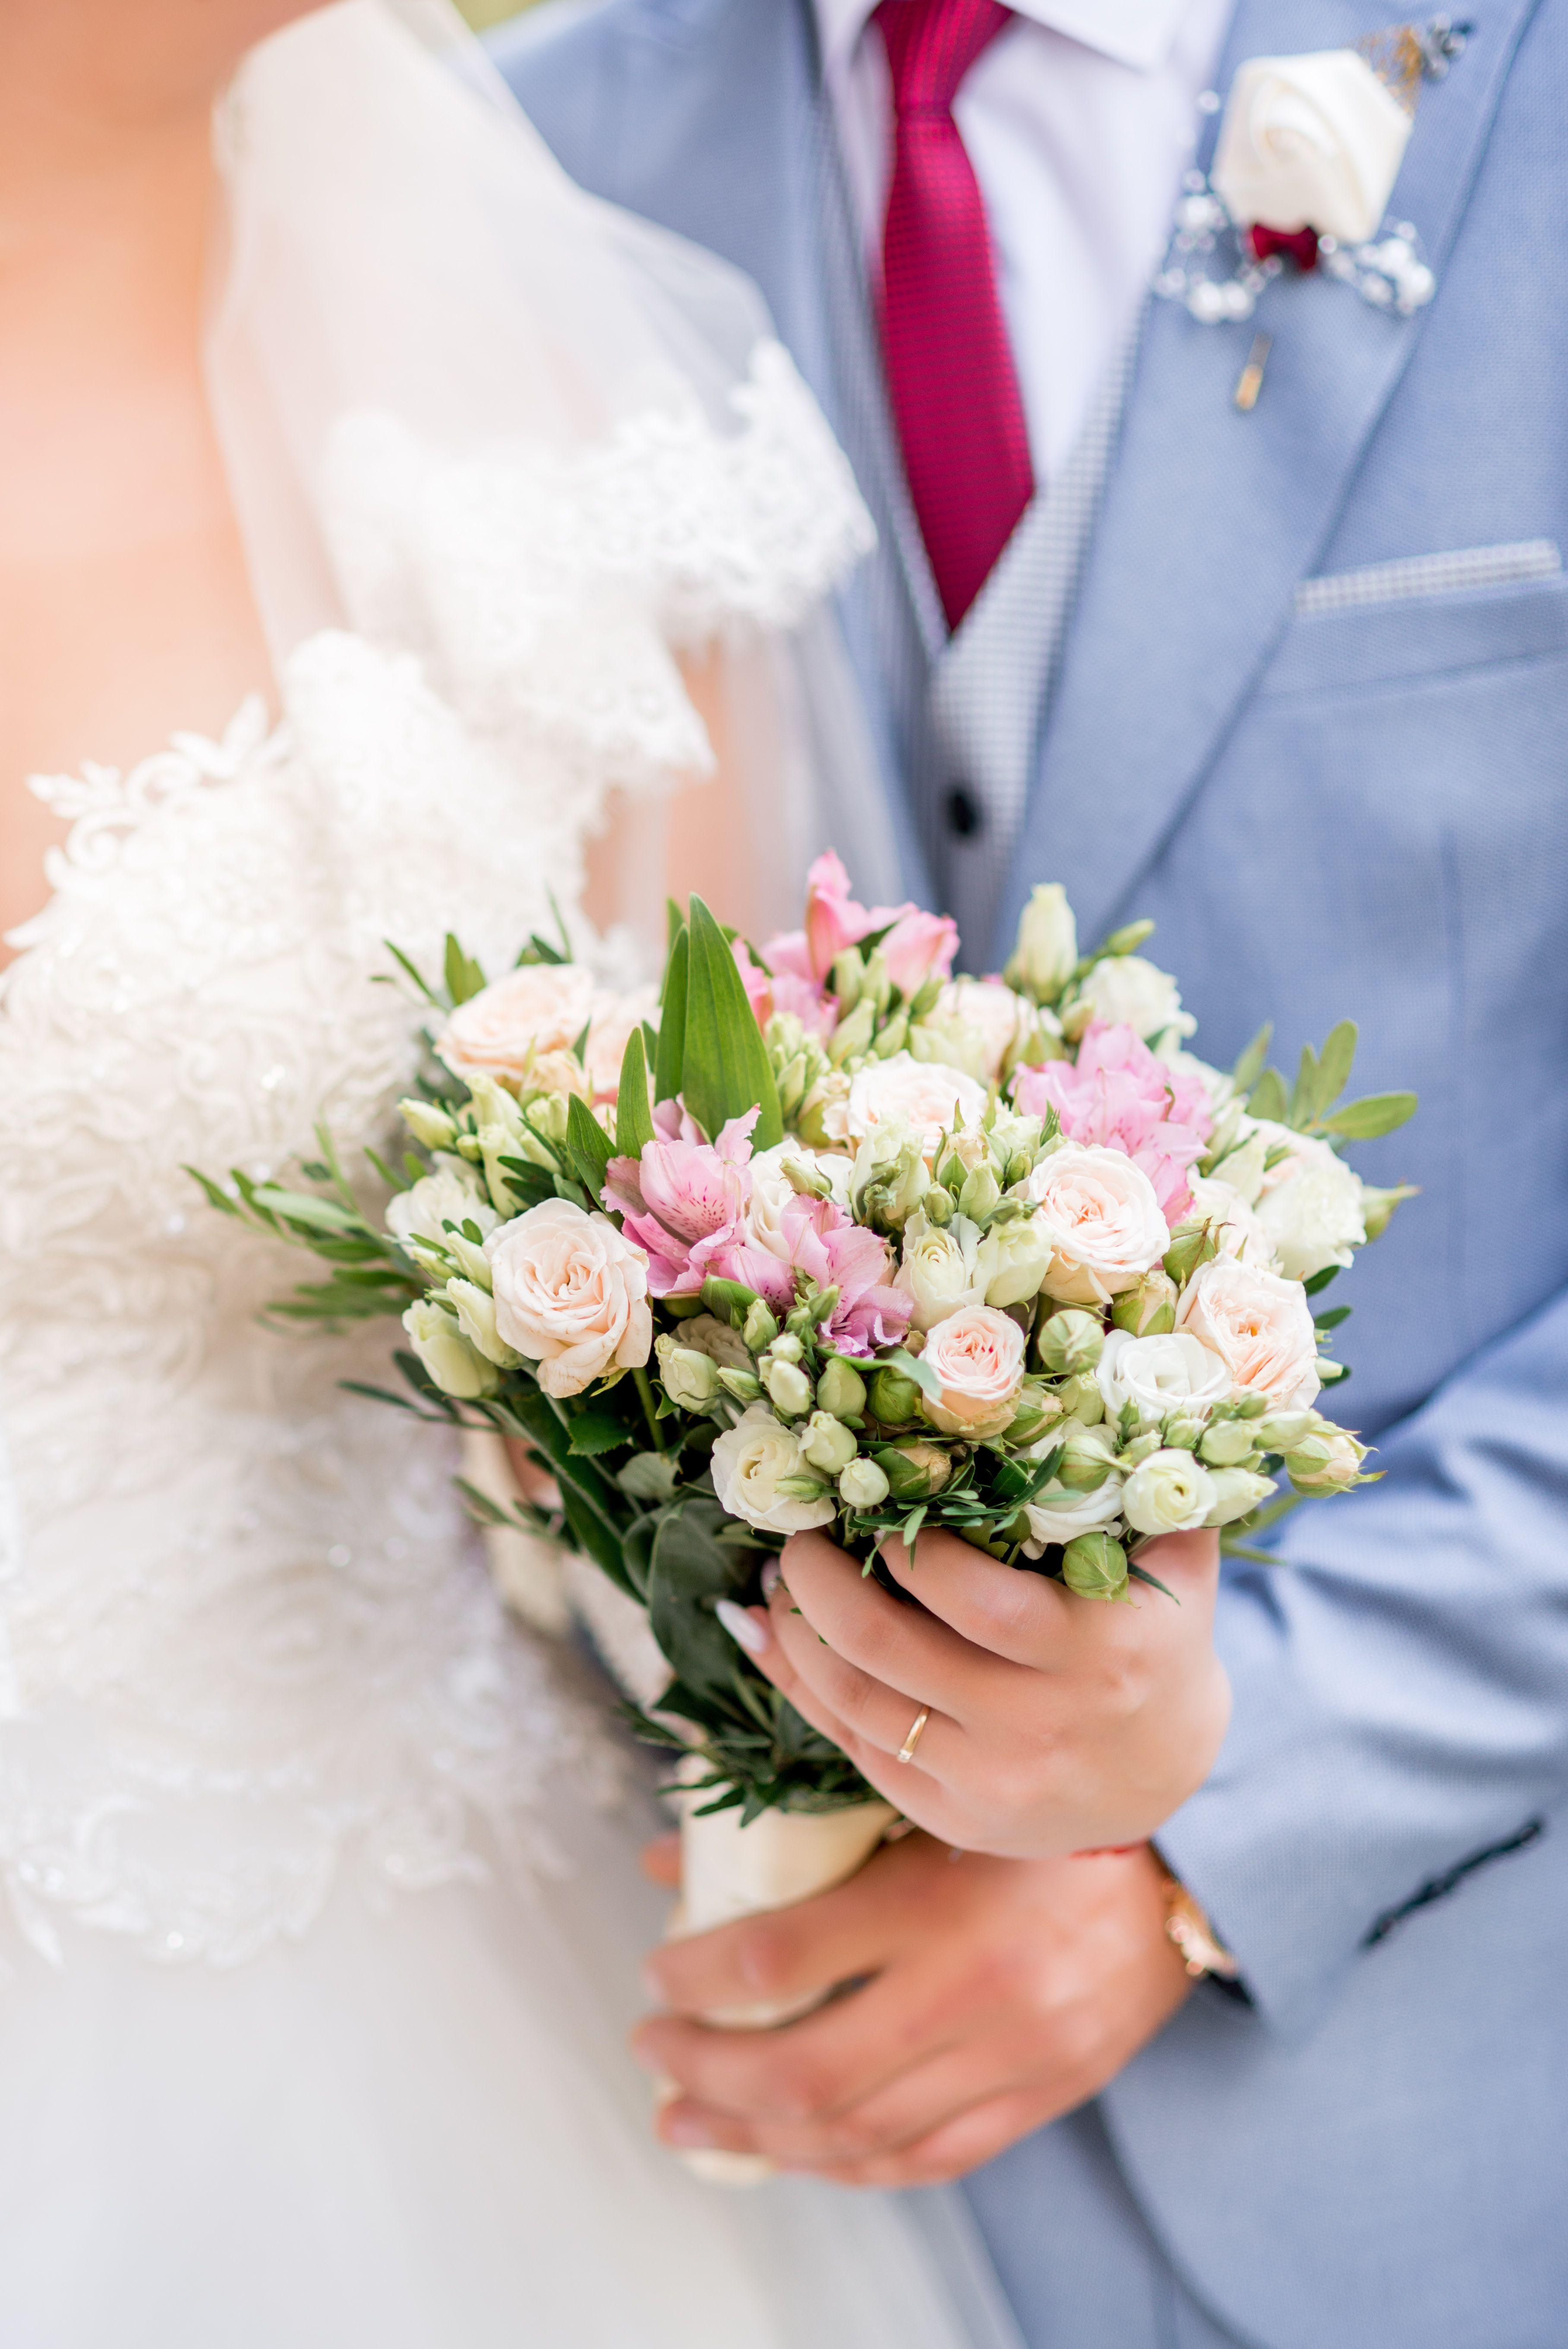 Bukiet Slubny Kwiaty Na Wesele Roze Biale Ecru Rozowe Table Decorations Decor